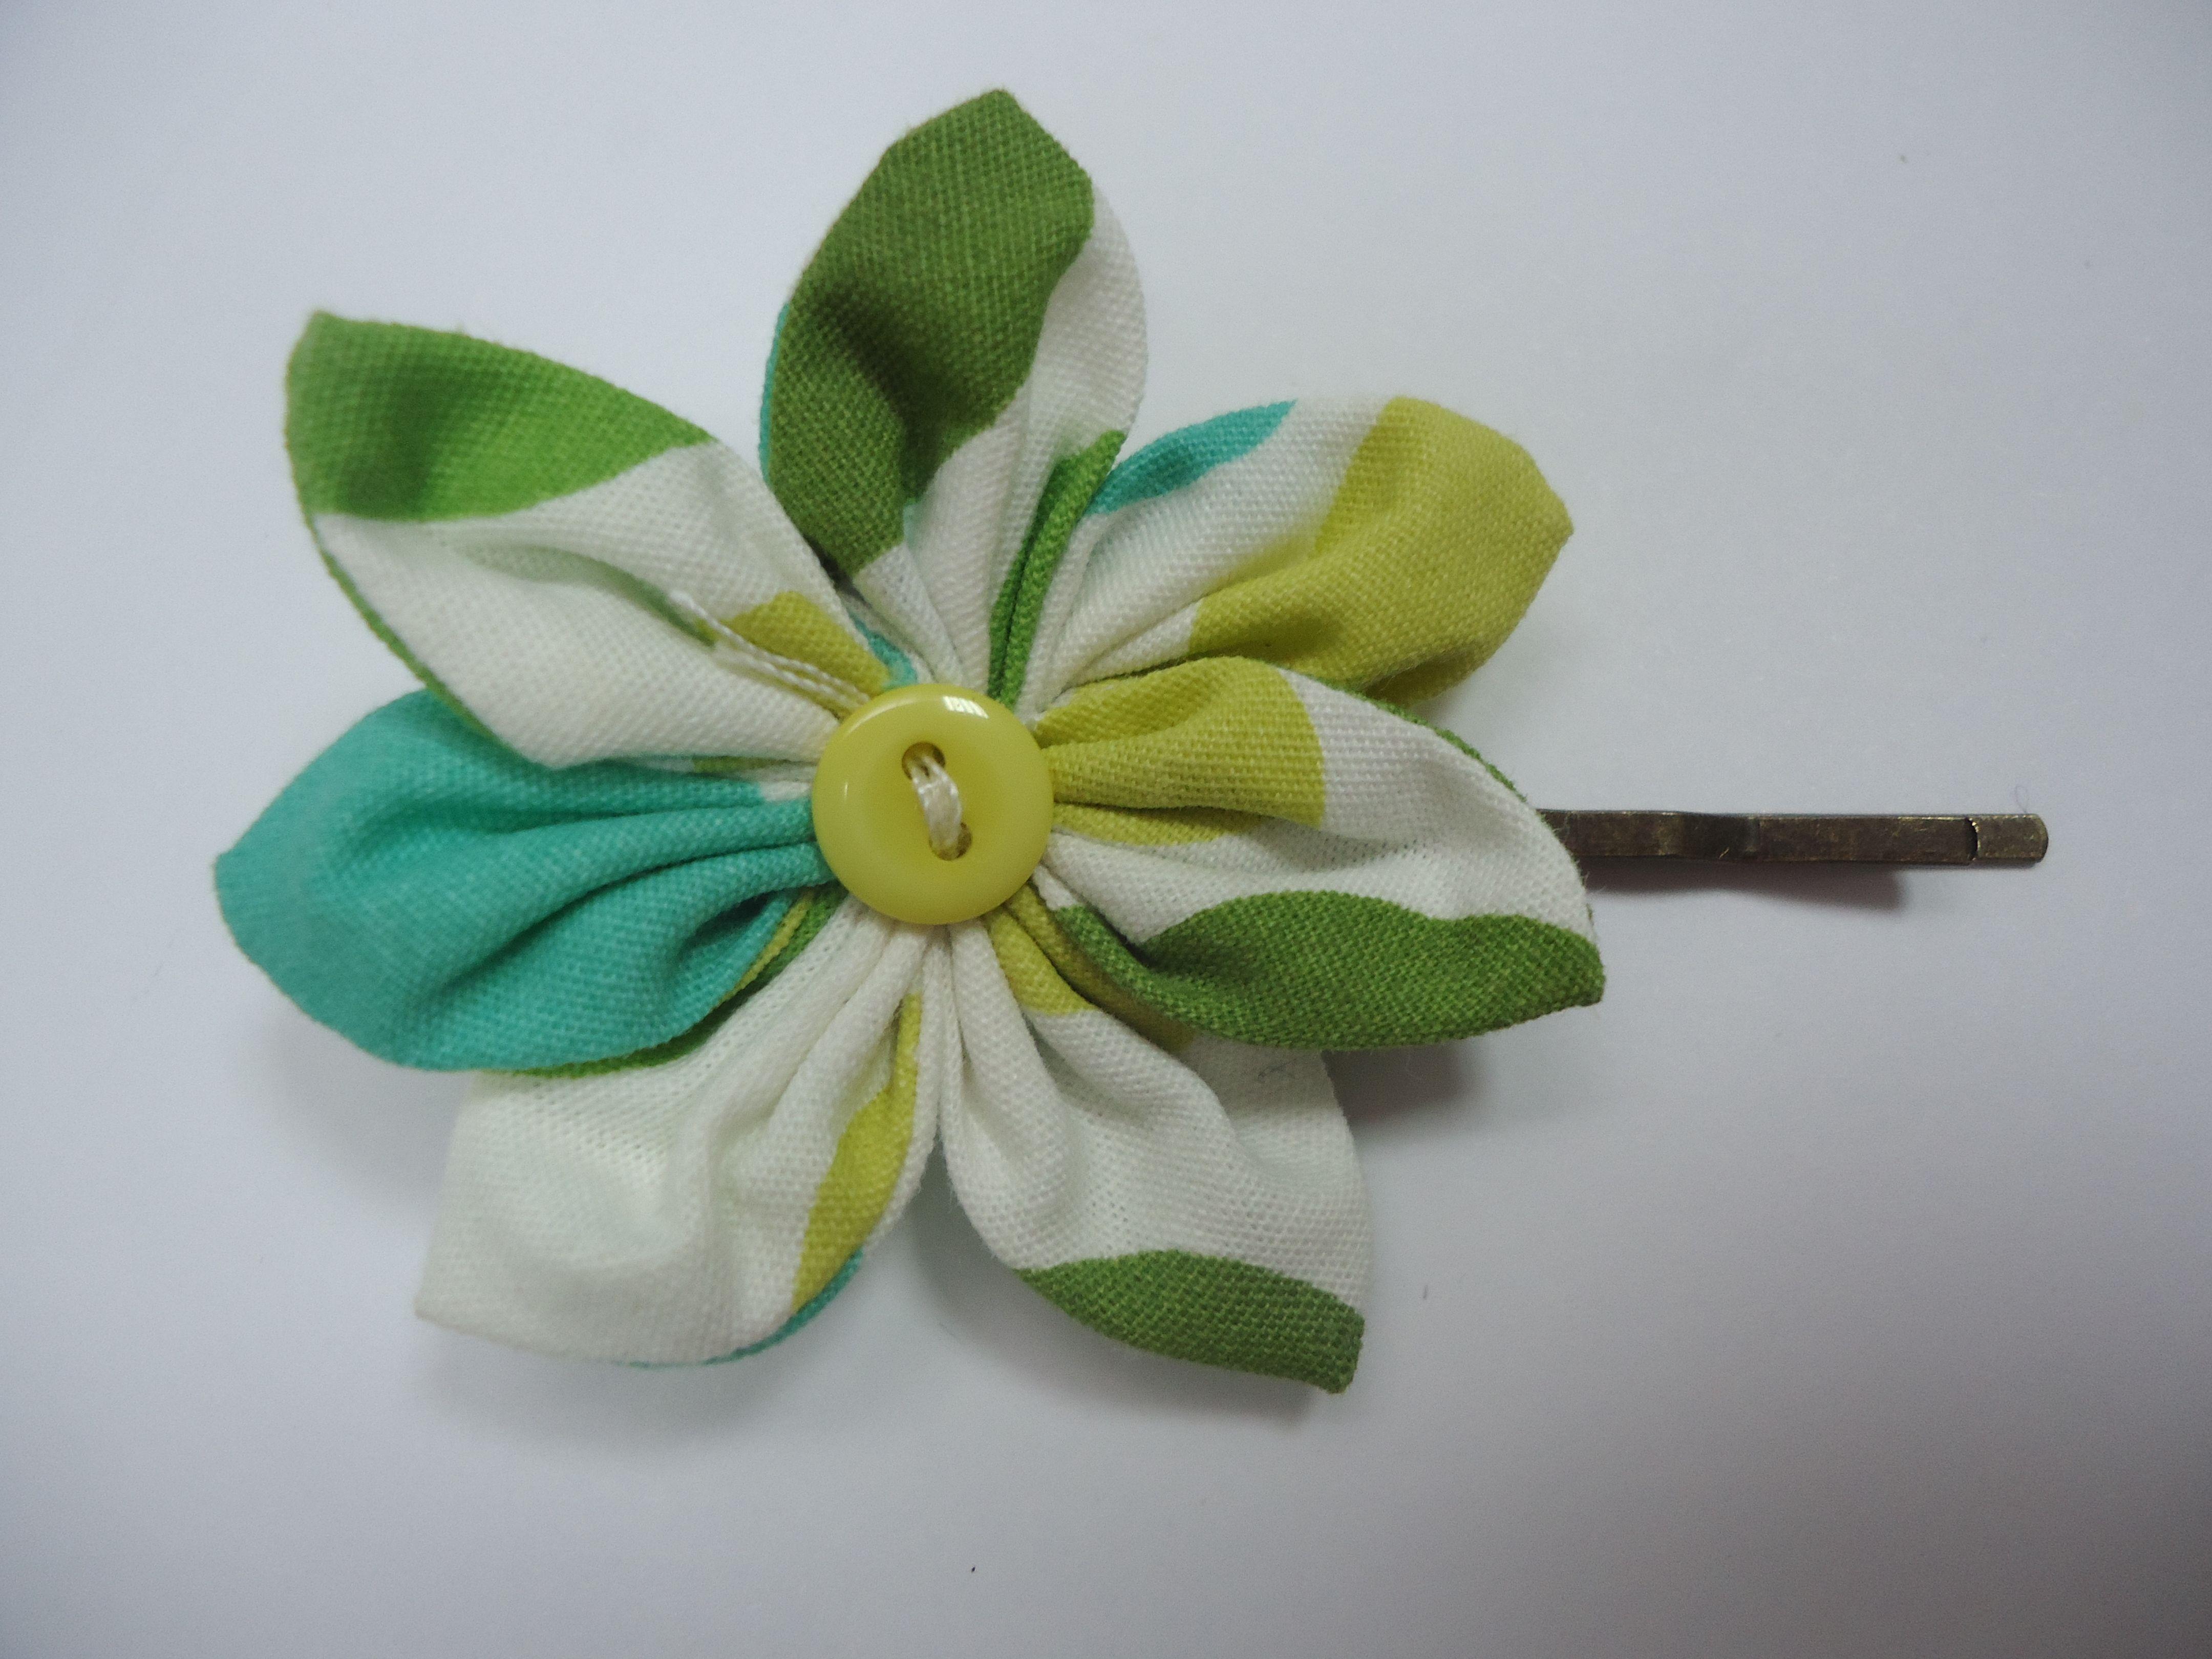 Jolie barrette en coton dans les tons noir, vert, jaune et blanc, en forme de fleur, avec un coeur en bouton jaune. La barrette est une pince bronze de 5 cm.  Tarifs : 4€ + fdp